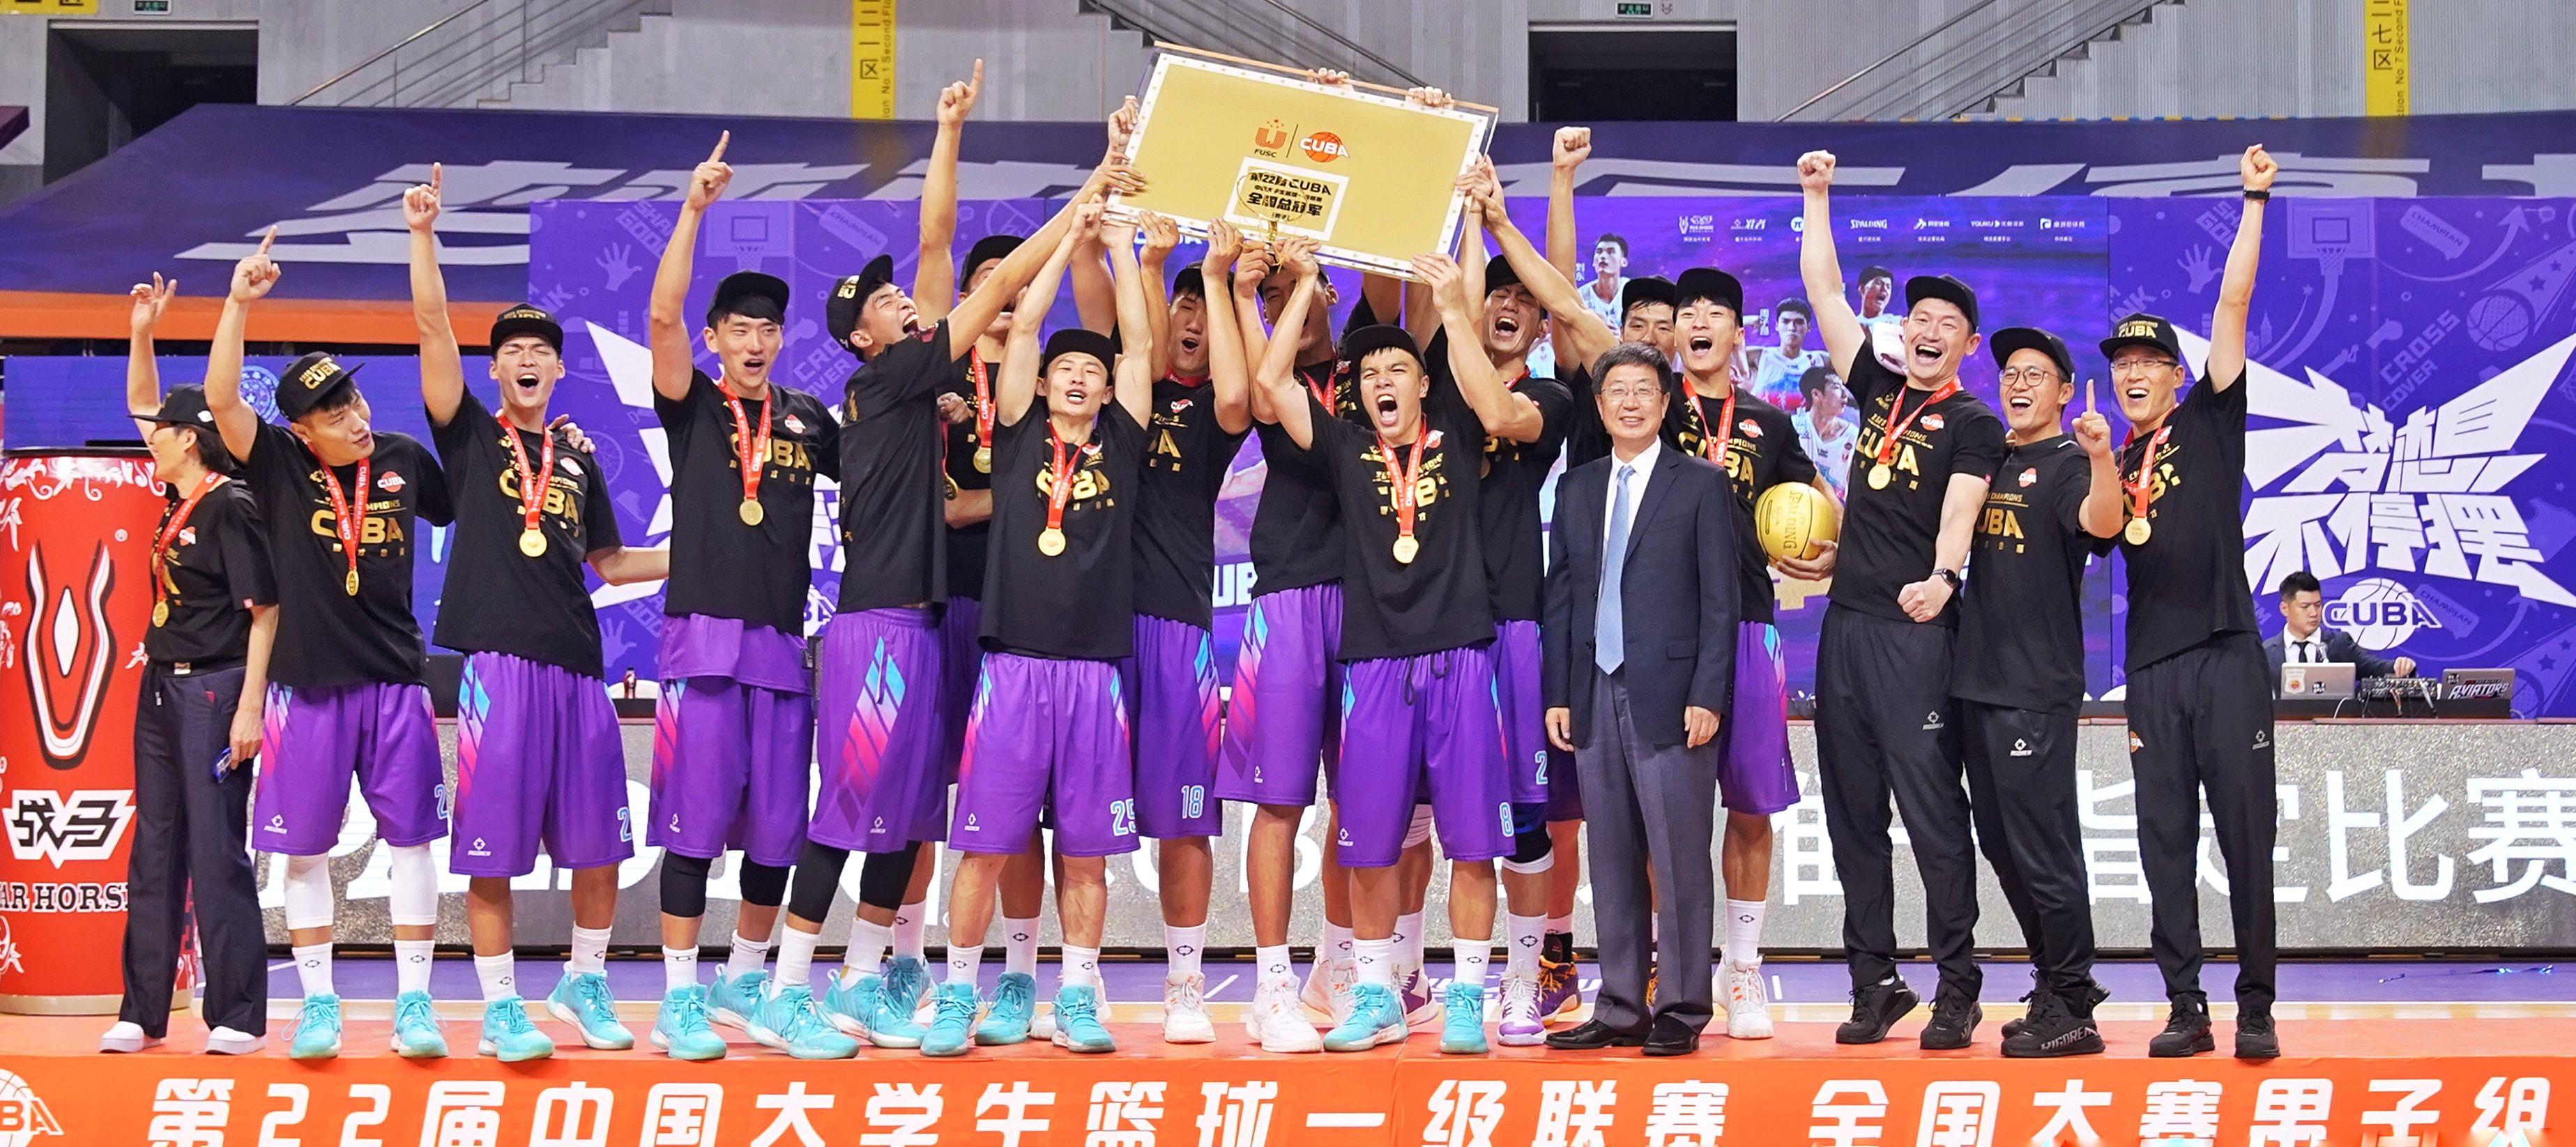 青春赛场 逐梦前行 | 第22届中国大学生篮球联赛落幕 清华大学队夺冠